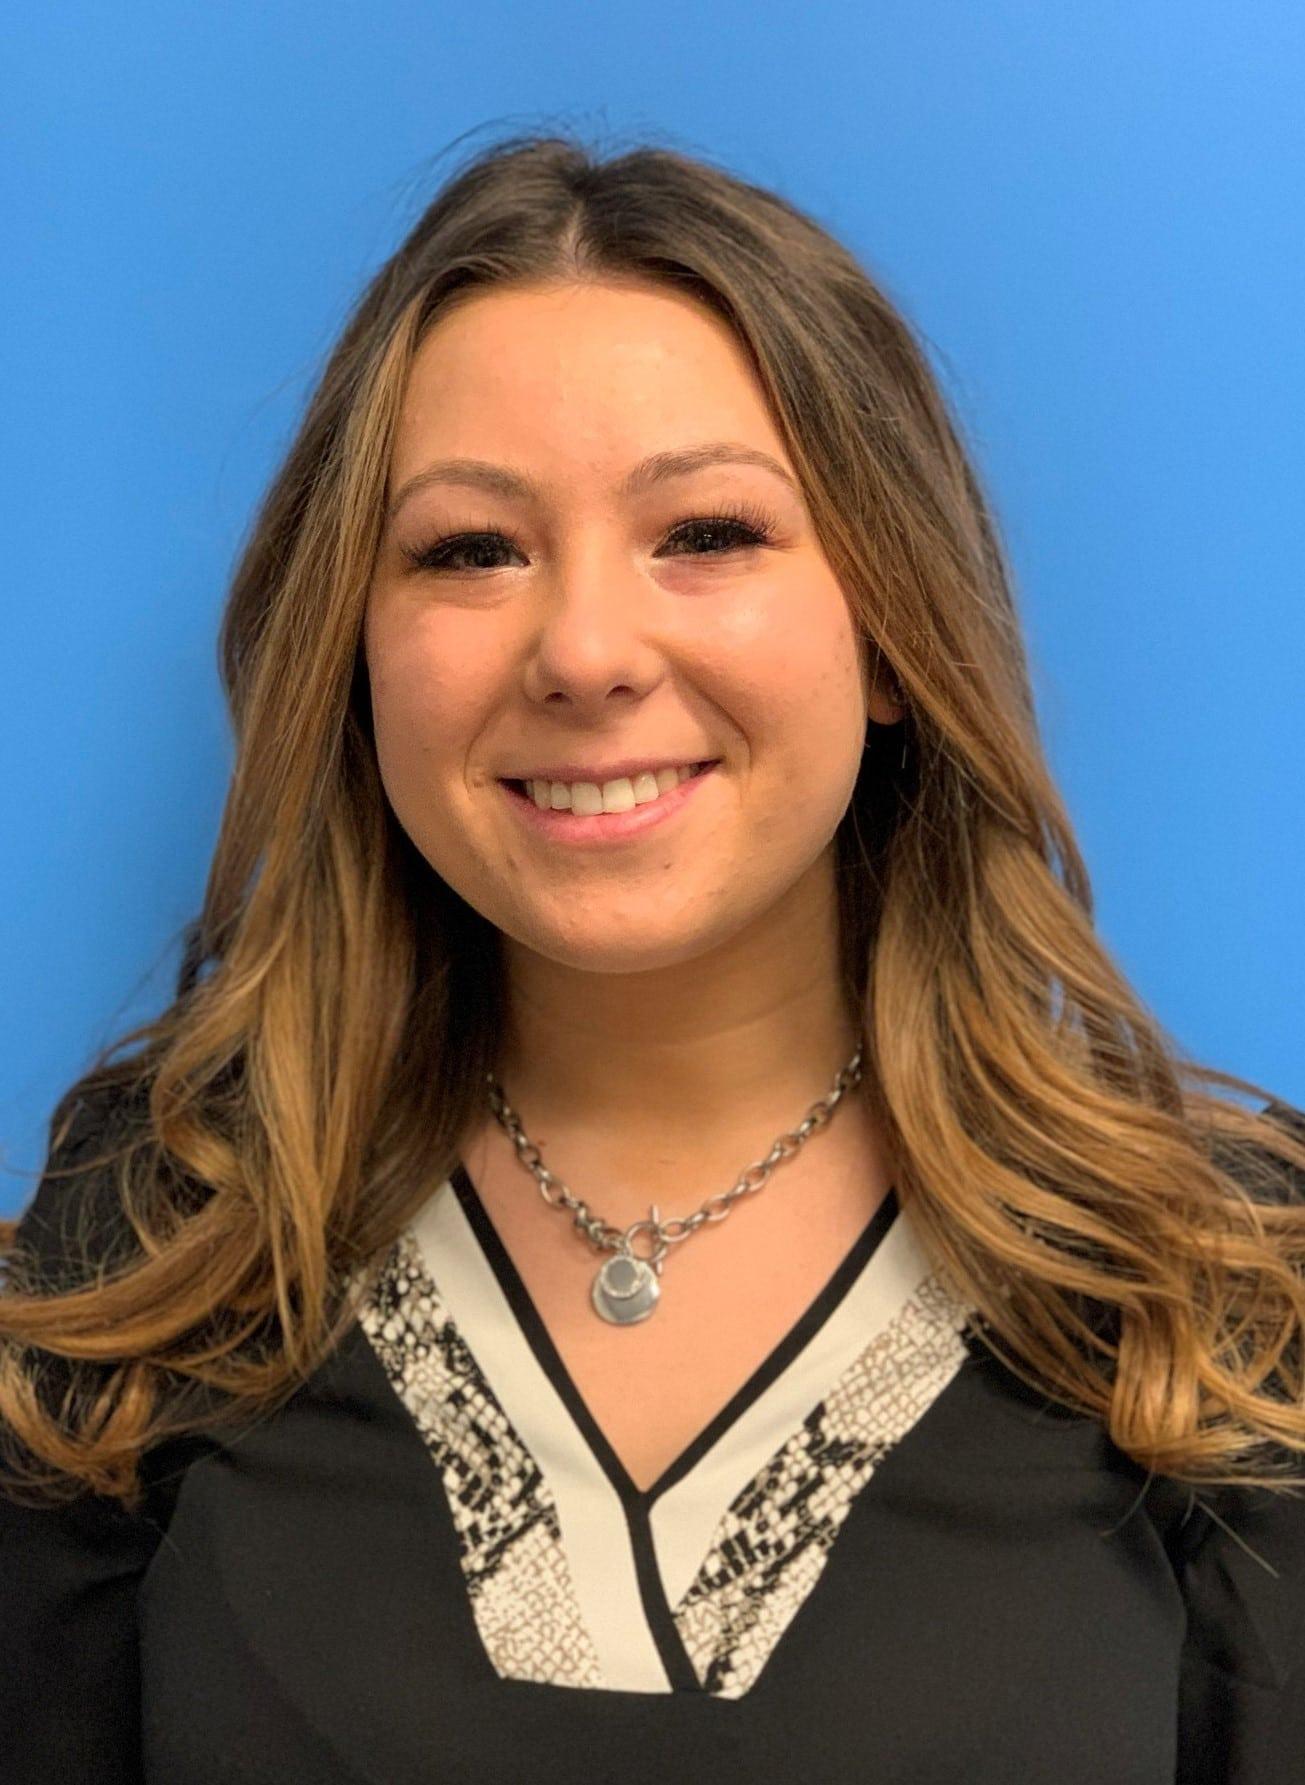 Laura Milburn – Reception Service Specialist & Billing